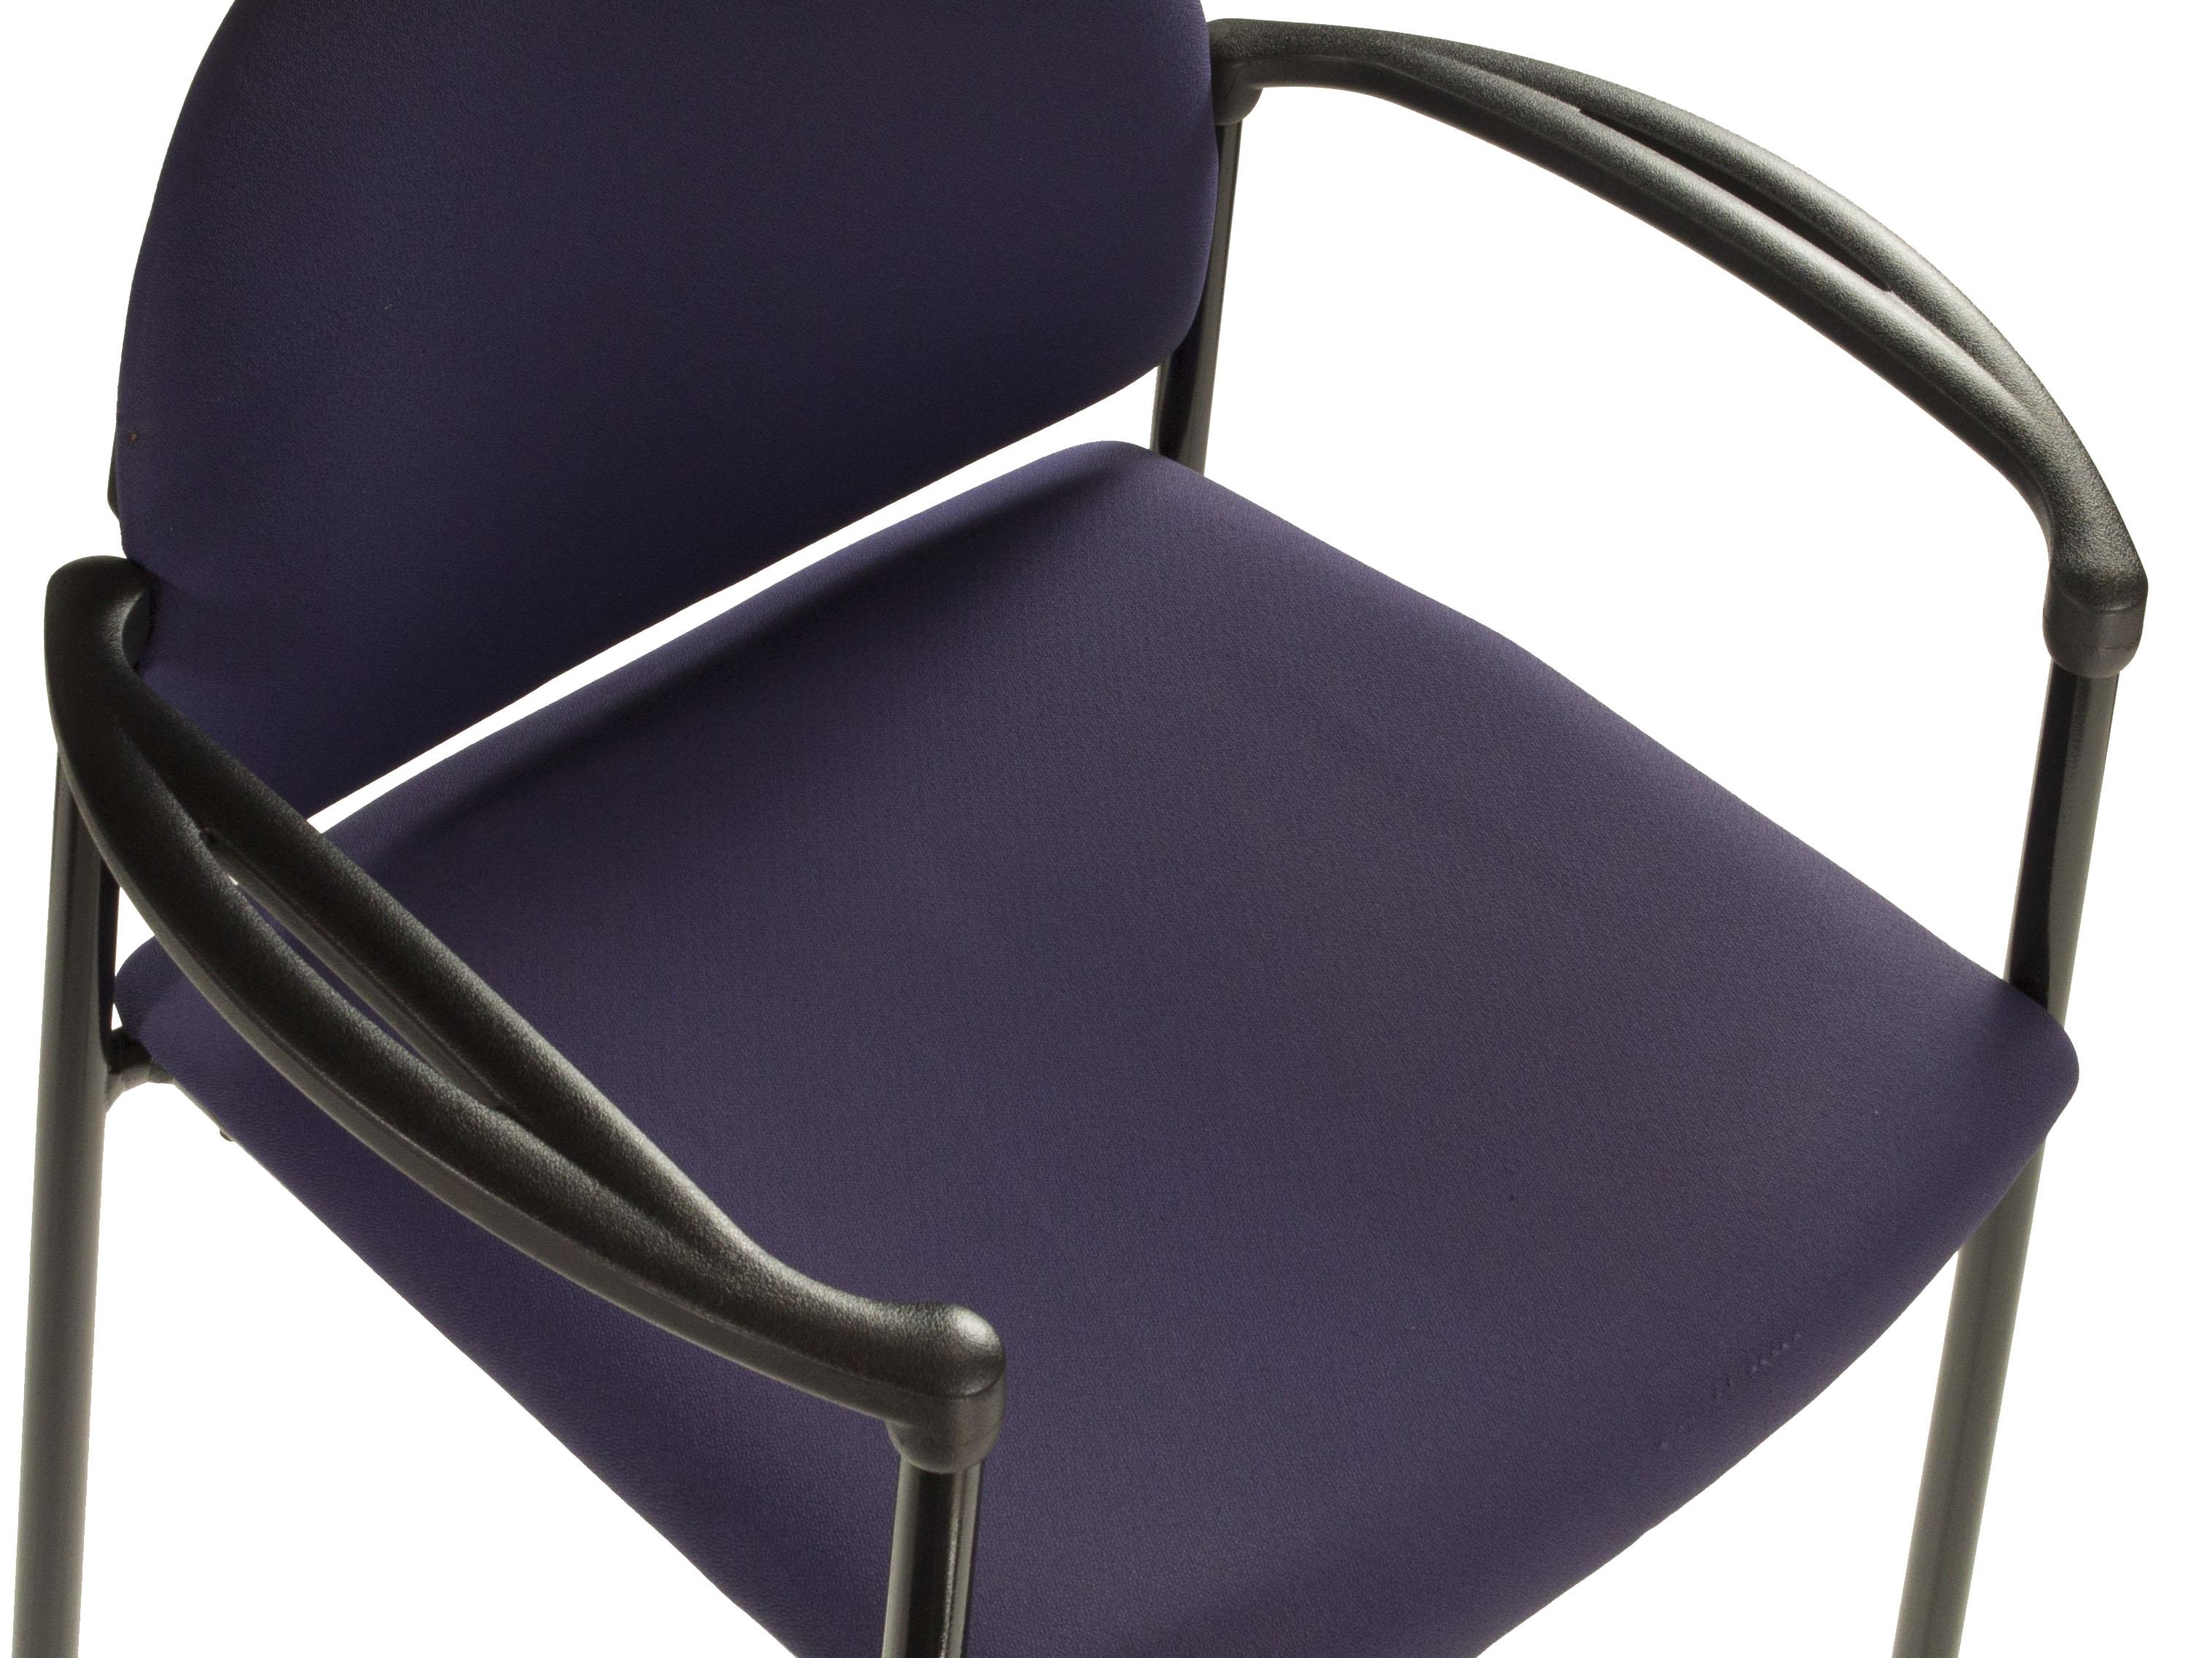 Steelcase-Turnstone-Springboard-SideChair-05.jpg